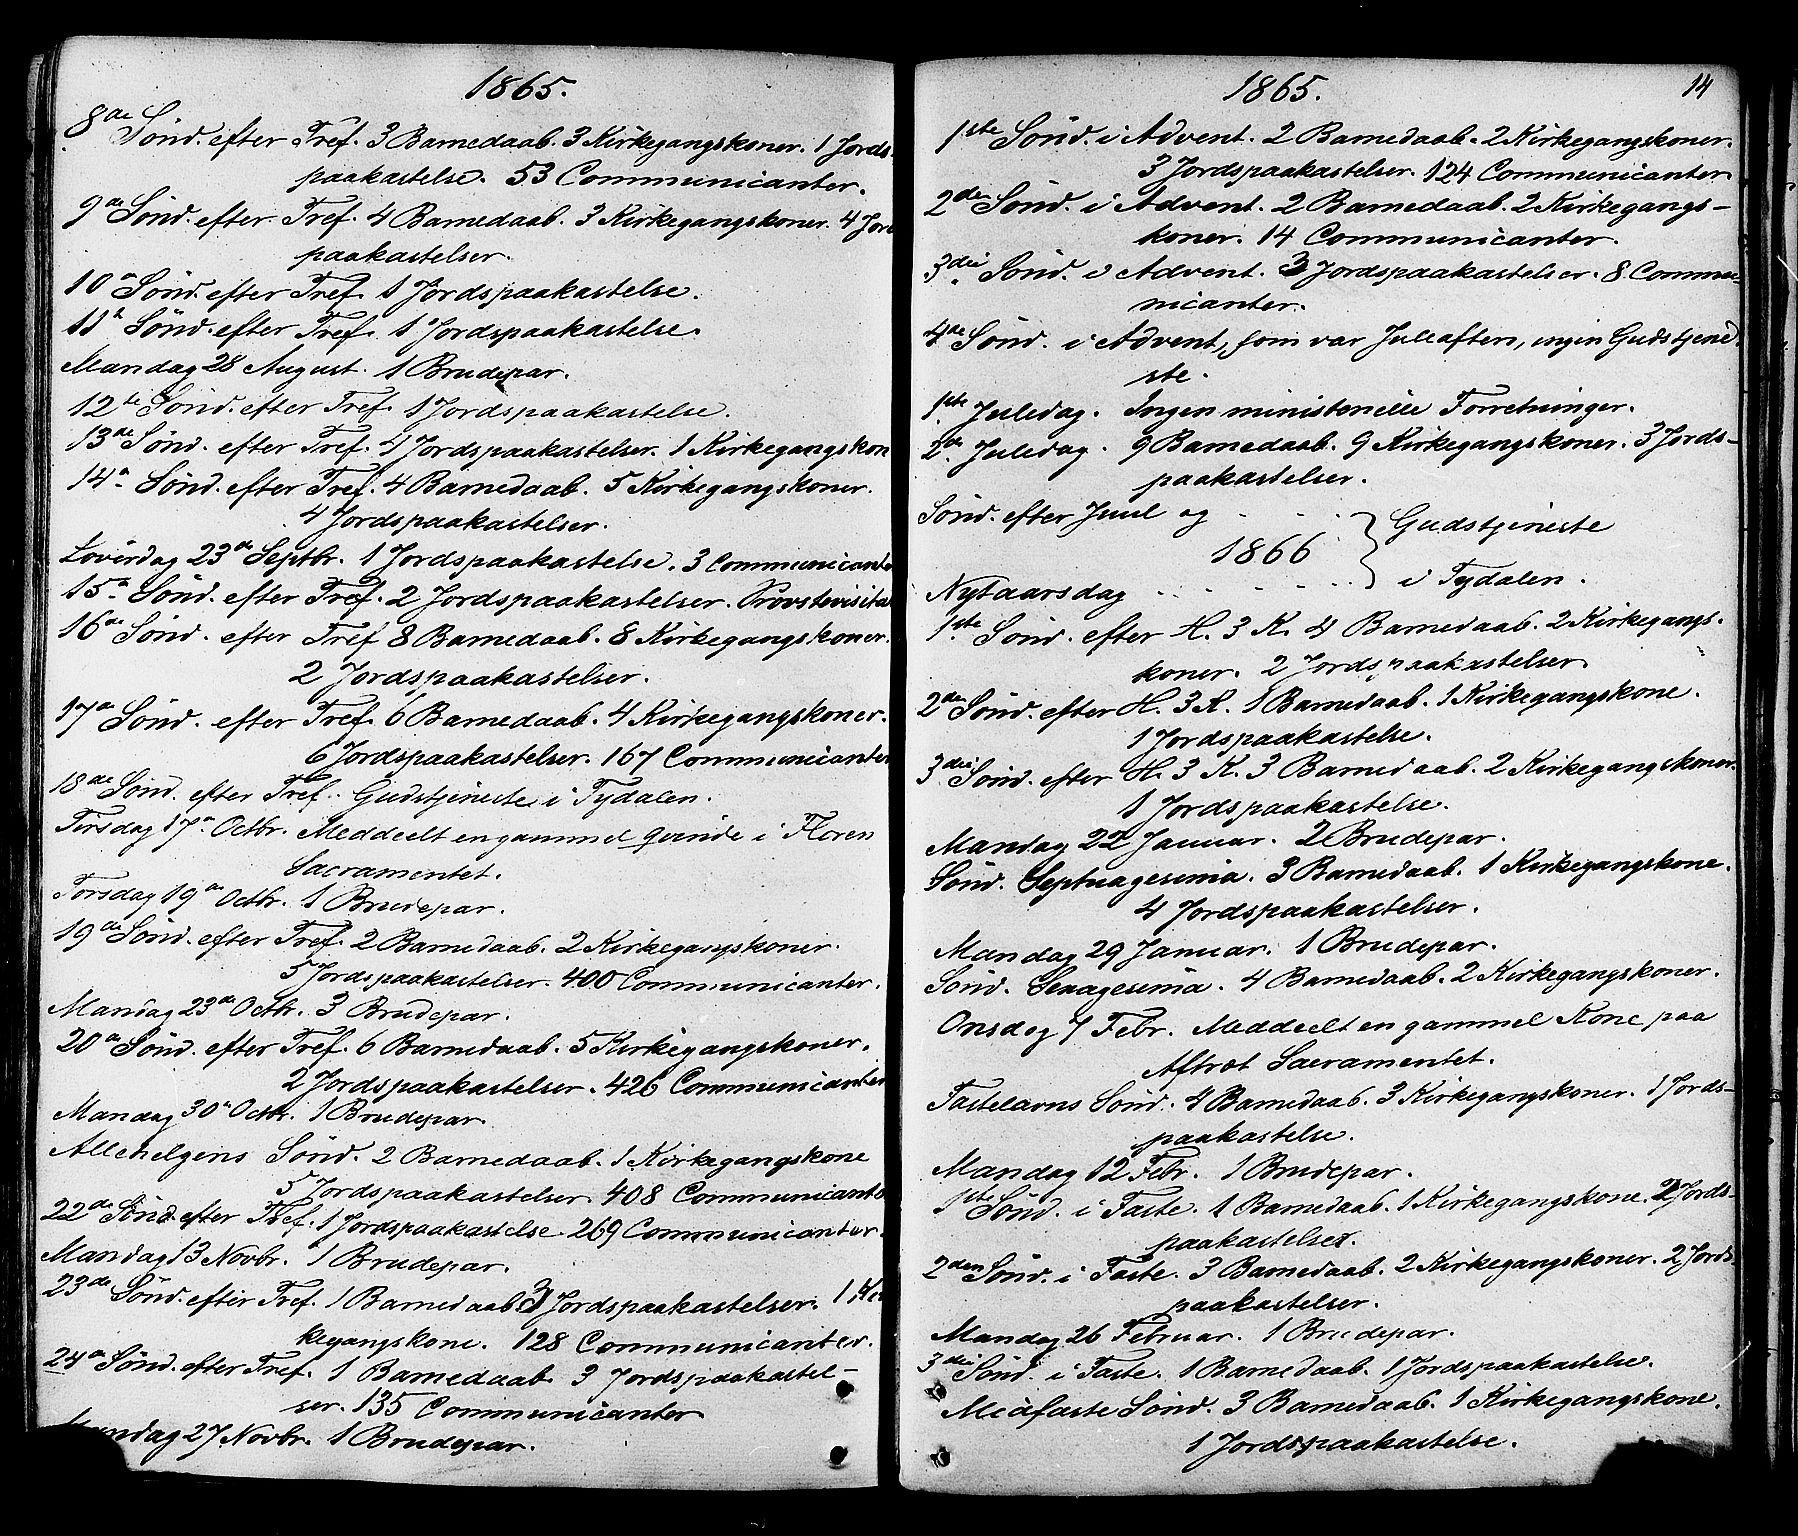 SAT, Ministerialprotokoller, klokkerbøker og fødselsregistre - Sør-Trøndelag, 695/L1147: Ministerialbok nr. 695A07, 1860-1877, s. 14